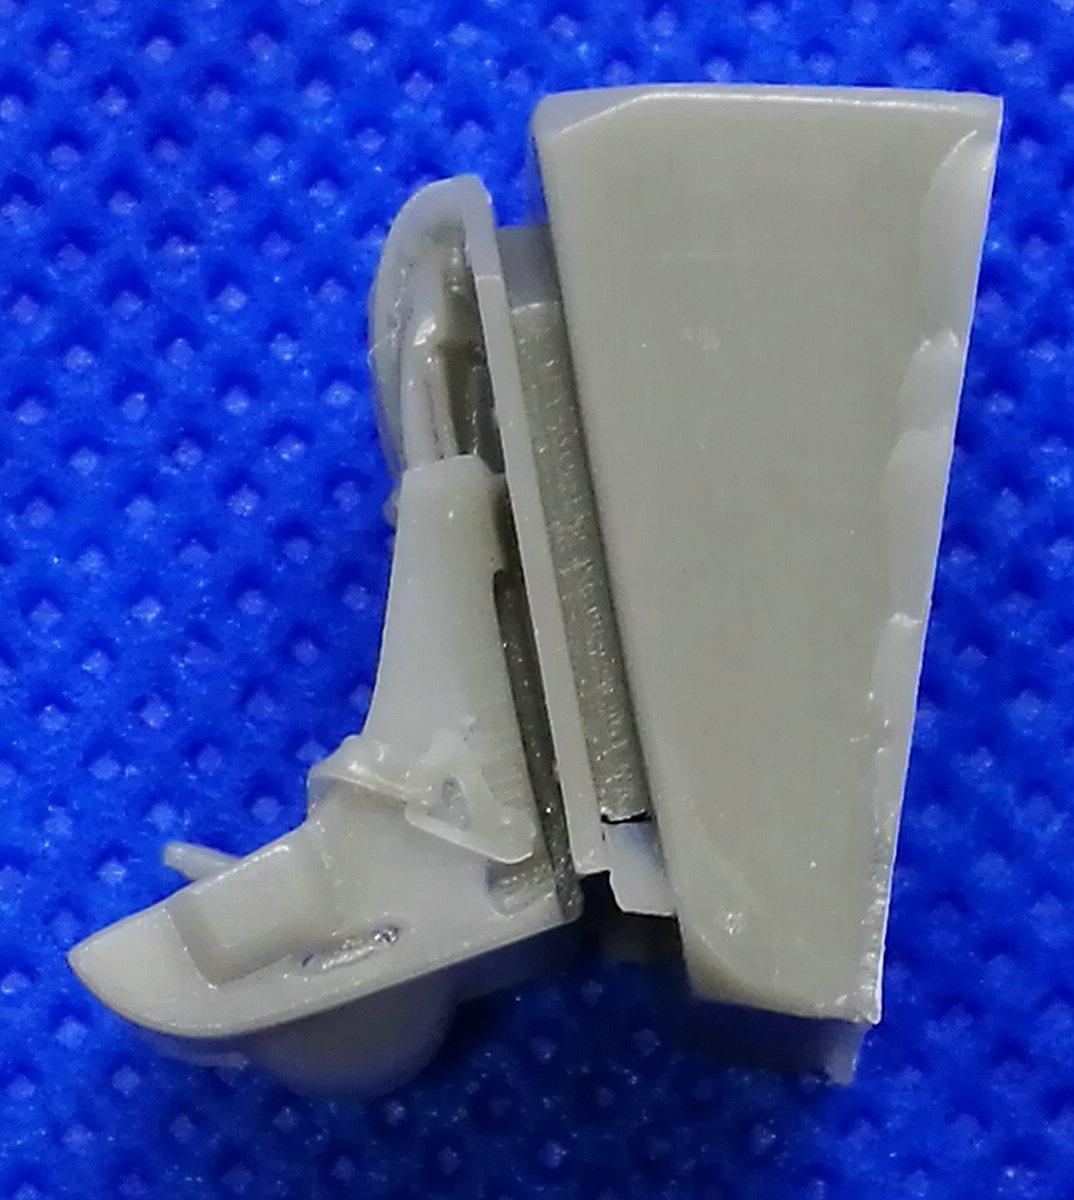 Quickboost-QB-48401-Spitfire-Seat-with-seatbelts-2 Zubehör die Spitfire Mk. 22/24 in 1:48 von Quickboost